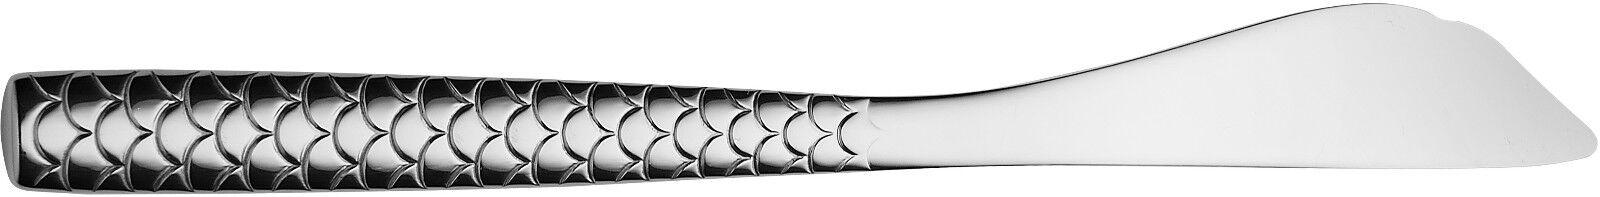 Alessi-Colombina Collection de Poissons-Poisson FM23 18 couteau (6 Pièces)